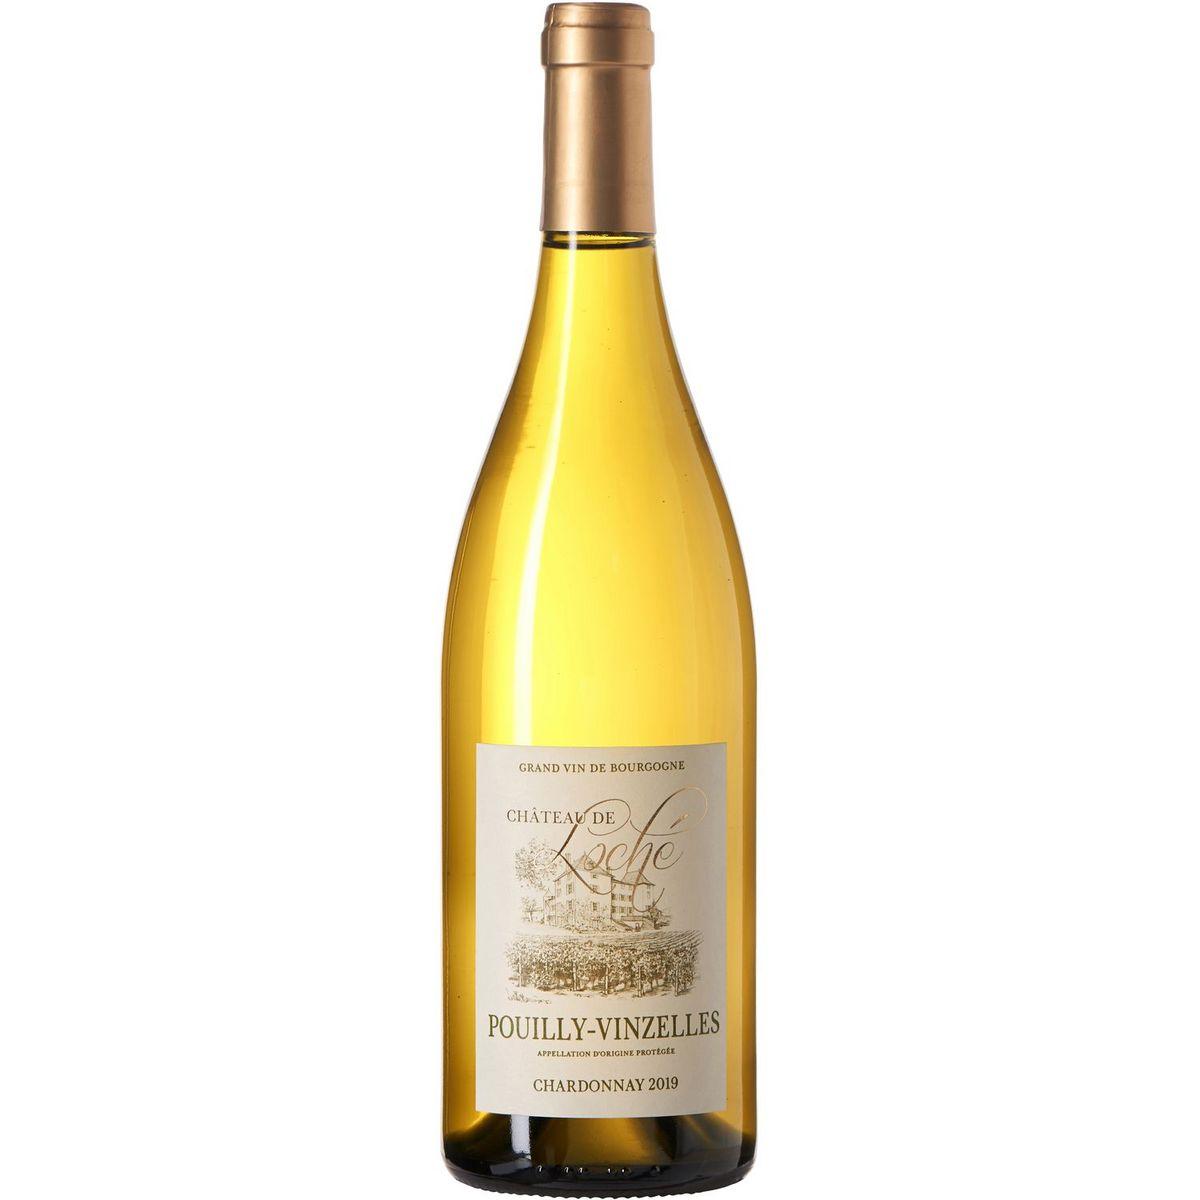 AOP Pouilly-Vinzelles Château de Loché Chardonnay blanc 2019